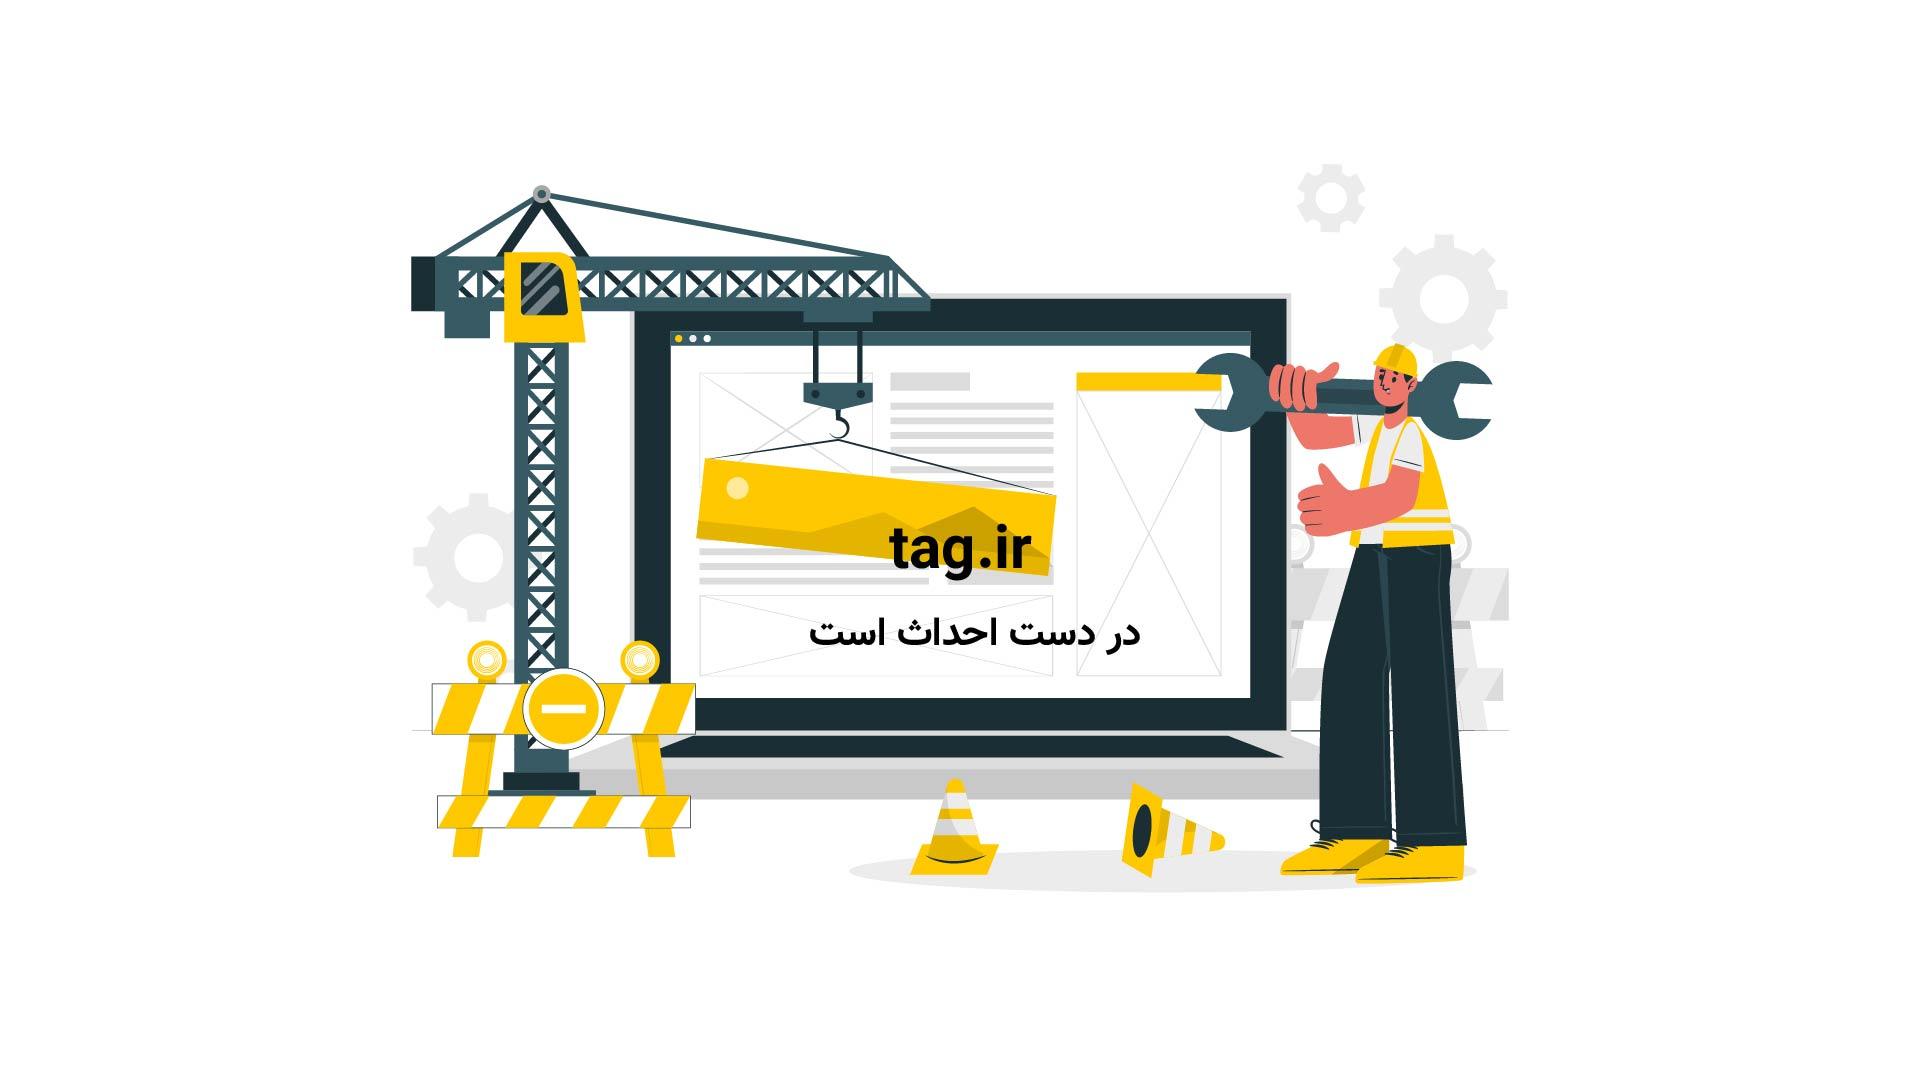 عناوین روزنامههای اقتصادی یکشنبه 28 آذر | فیلم